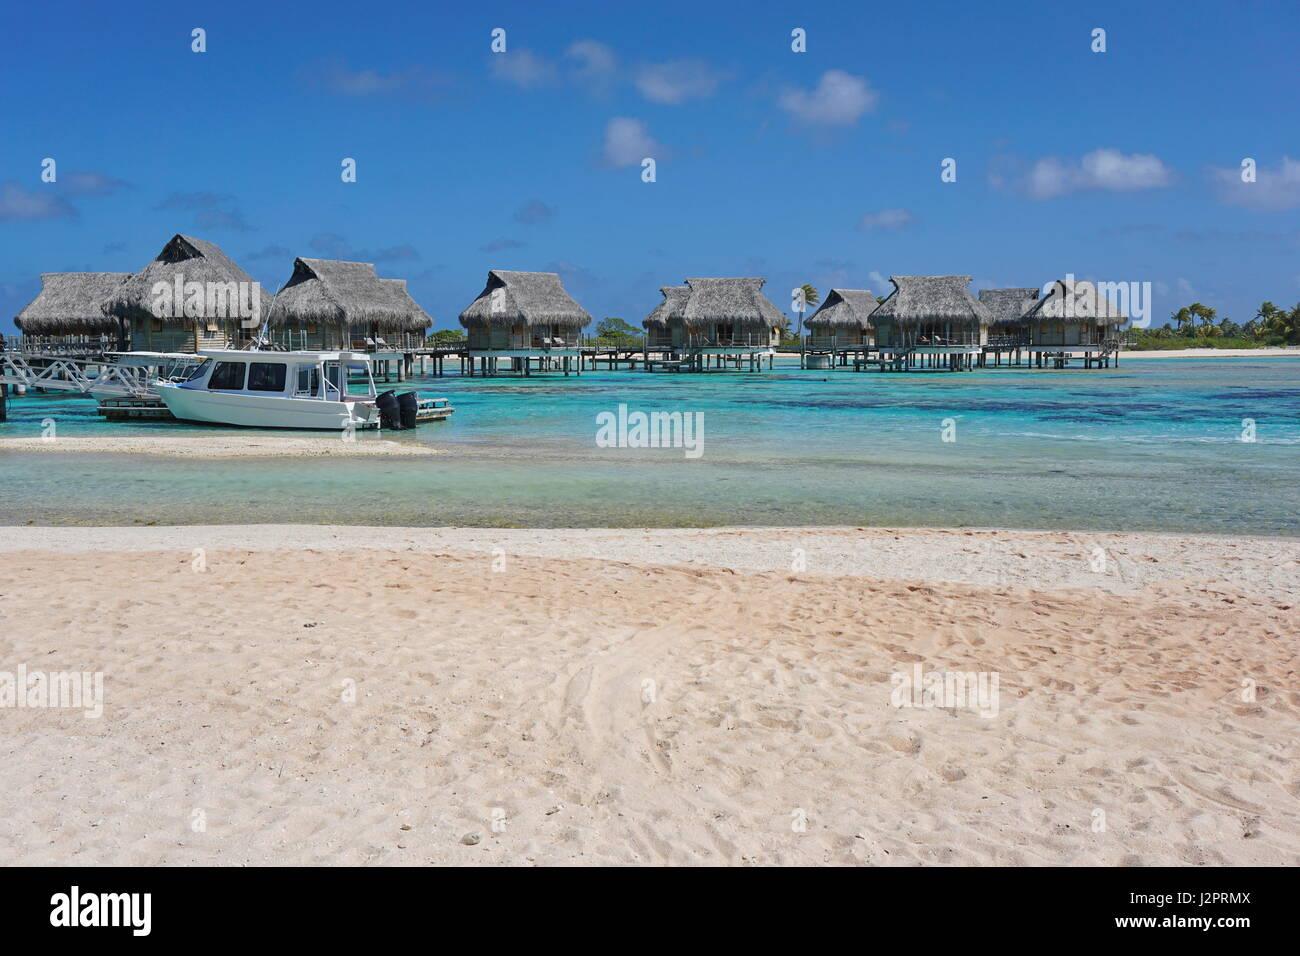 Tropischen Wasserbungalows in der Lagune von einem sandigen Strand, Atoll Tikehau, Tuamotu, Französisch-Polynesien, Stockbild